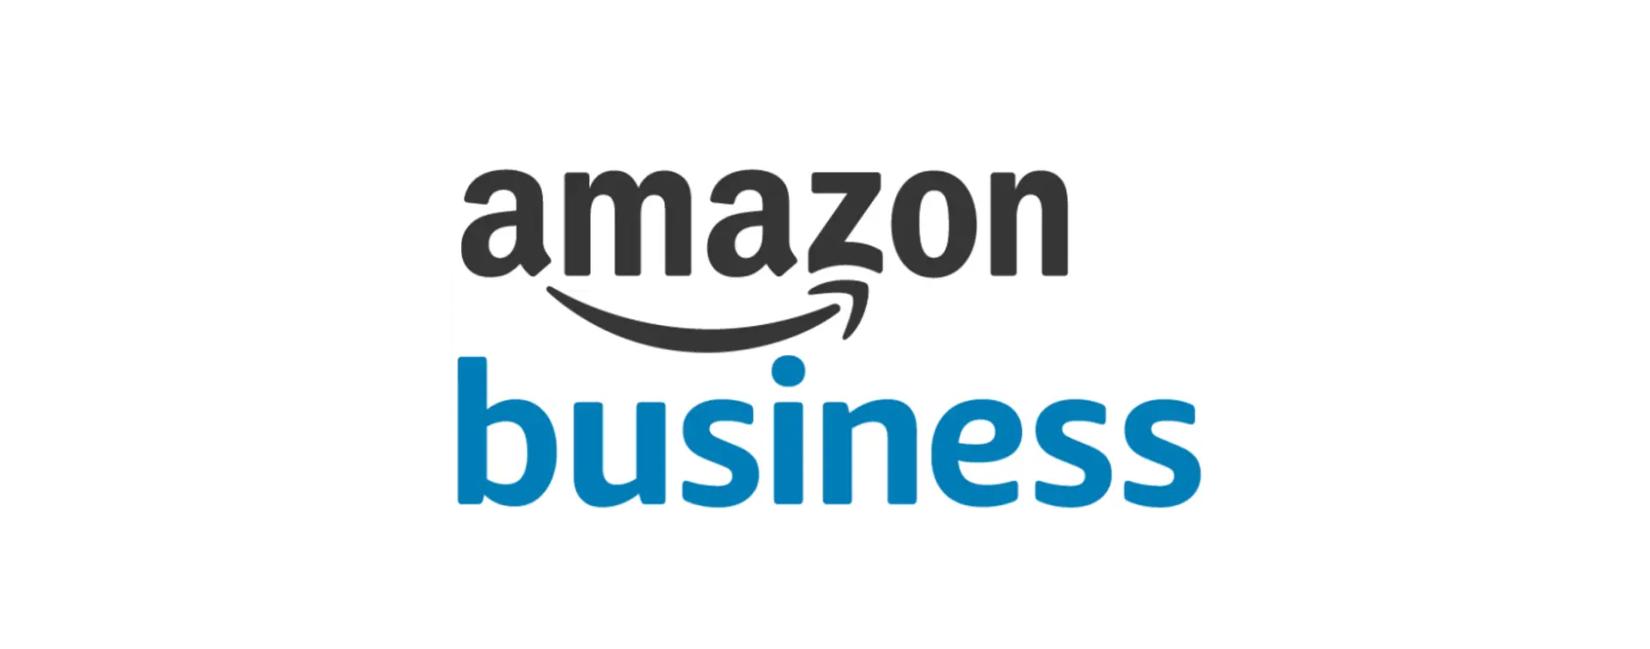 Cпециалист по Amazon Business